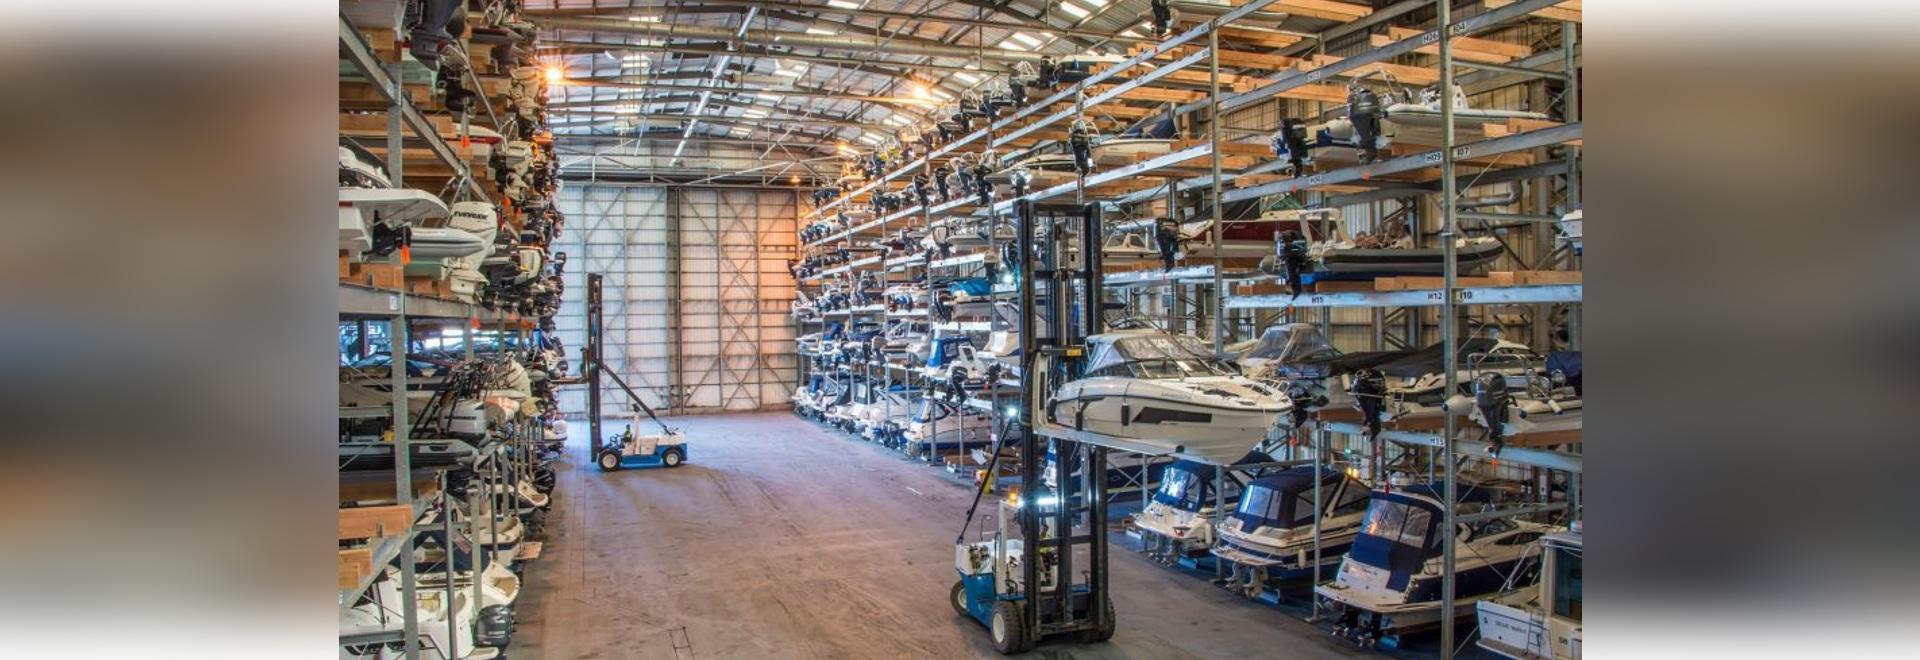 Programm zur kostenlosen Lagerung von Booten soll den britischen Bootsverkaufsmarkt ankurbeln